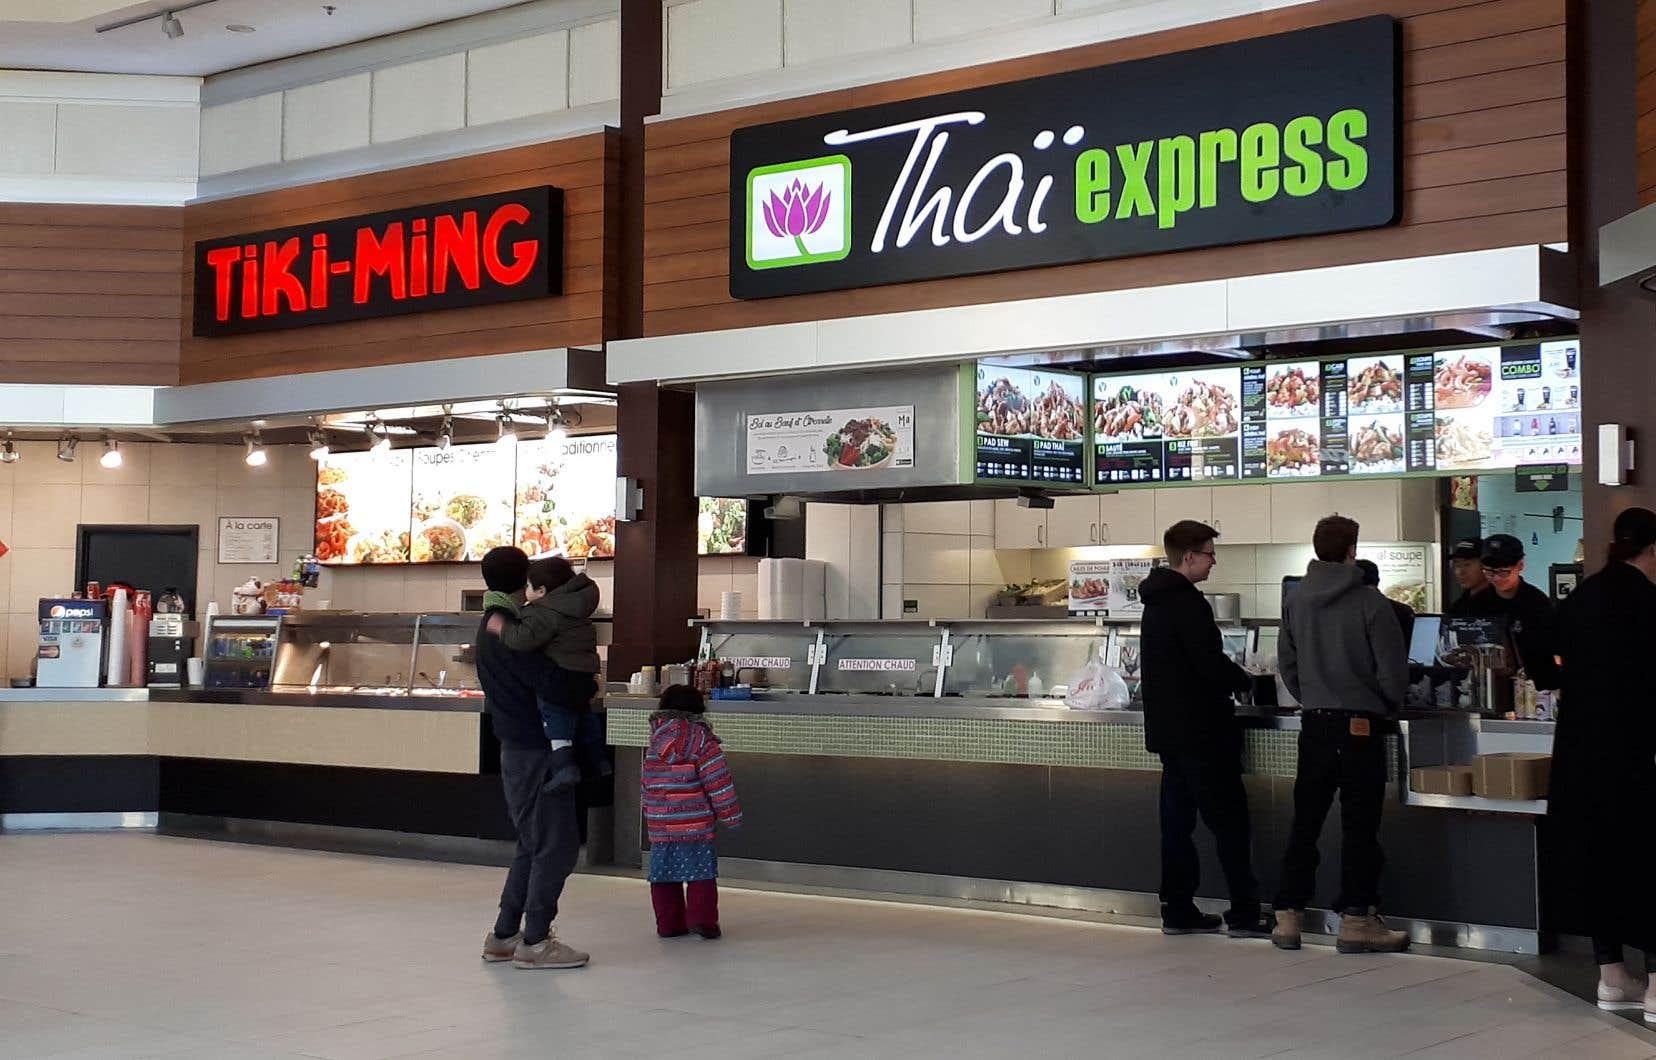 Groupe d'alimentation MTY estpropriétaire d'enseignes comme Thaï Express, Tiki-Ming, Tutti Frutti et Valentine.